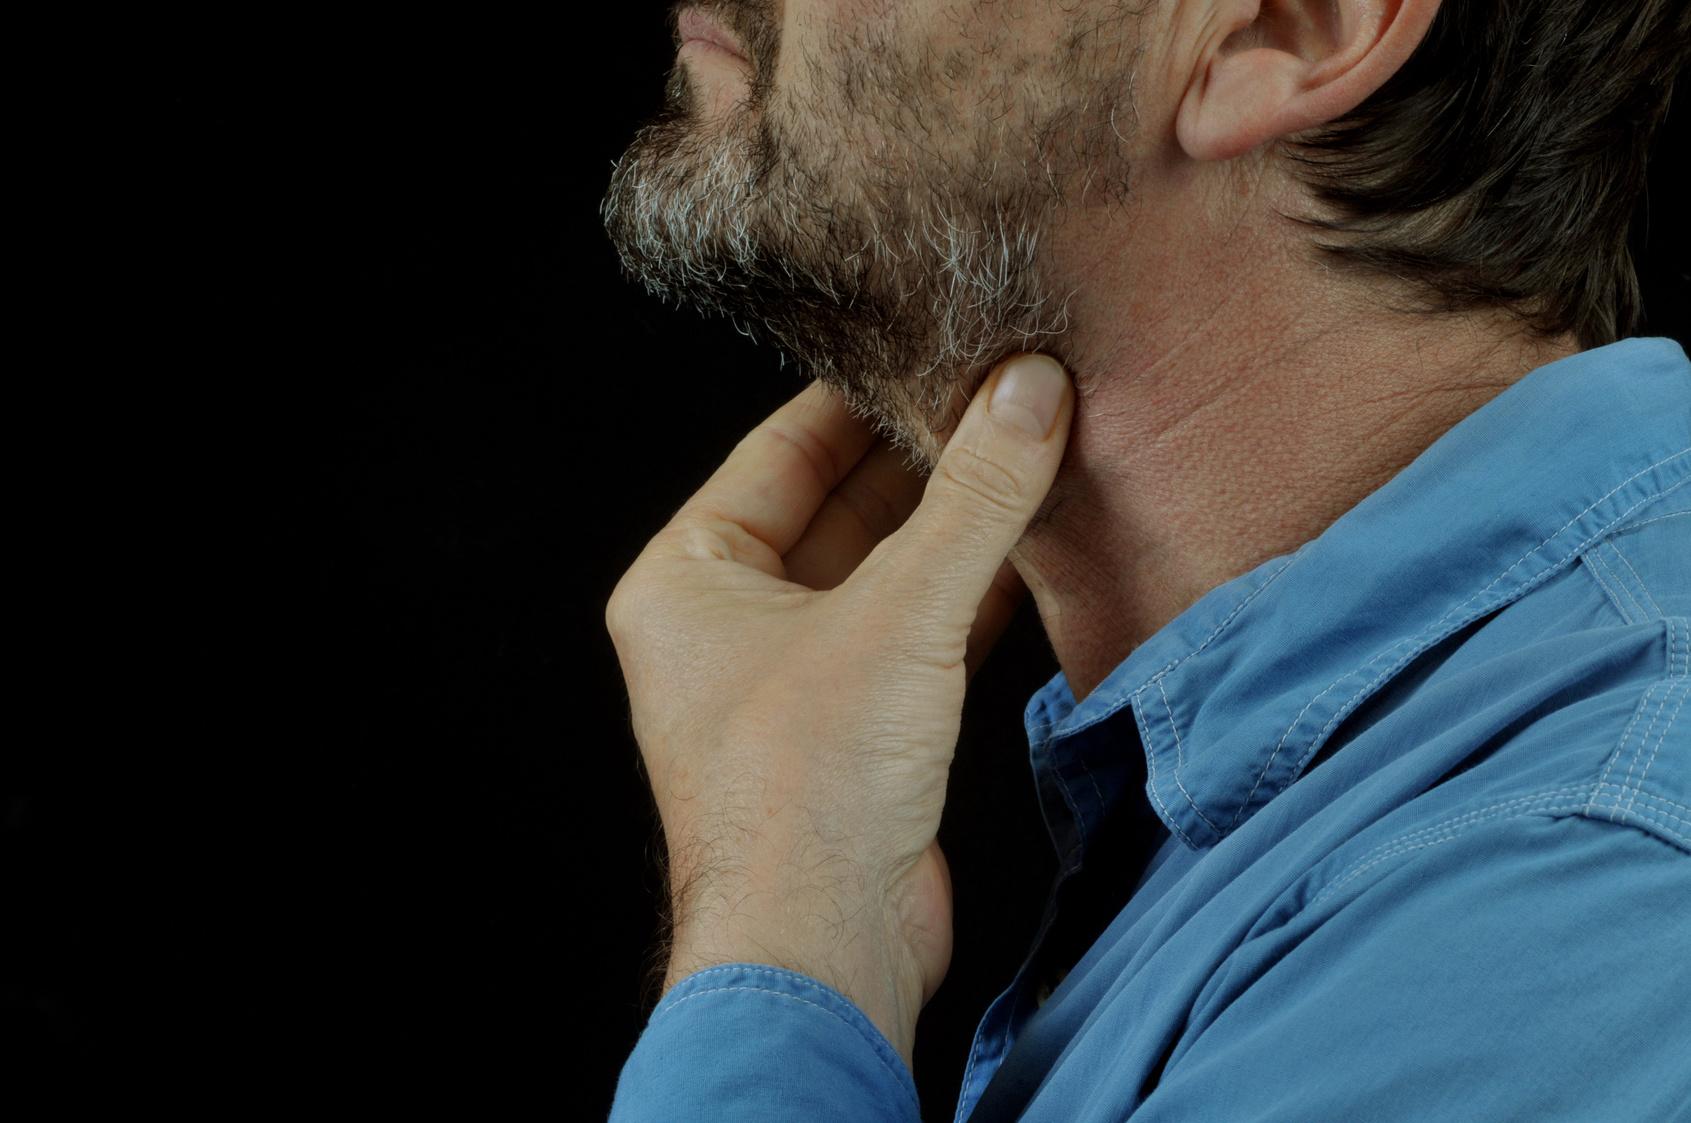 甲状腺がんの手術後に生じる副甲状腺機能低下症の合併は名医ほど防ぐことができる